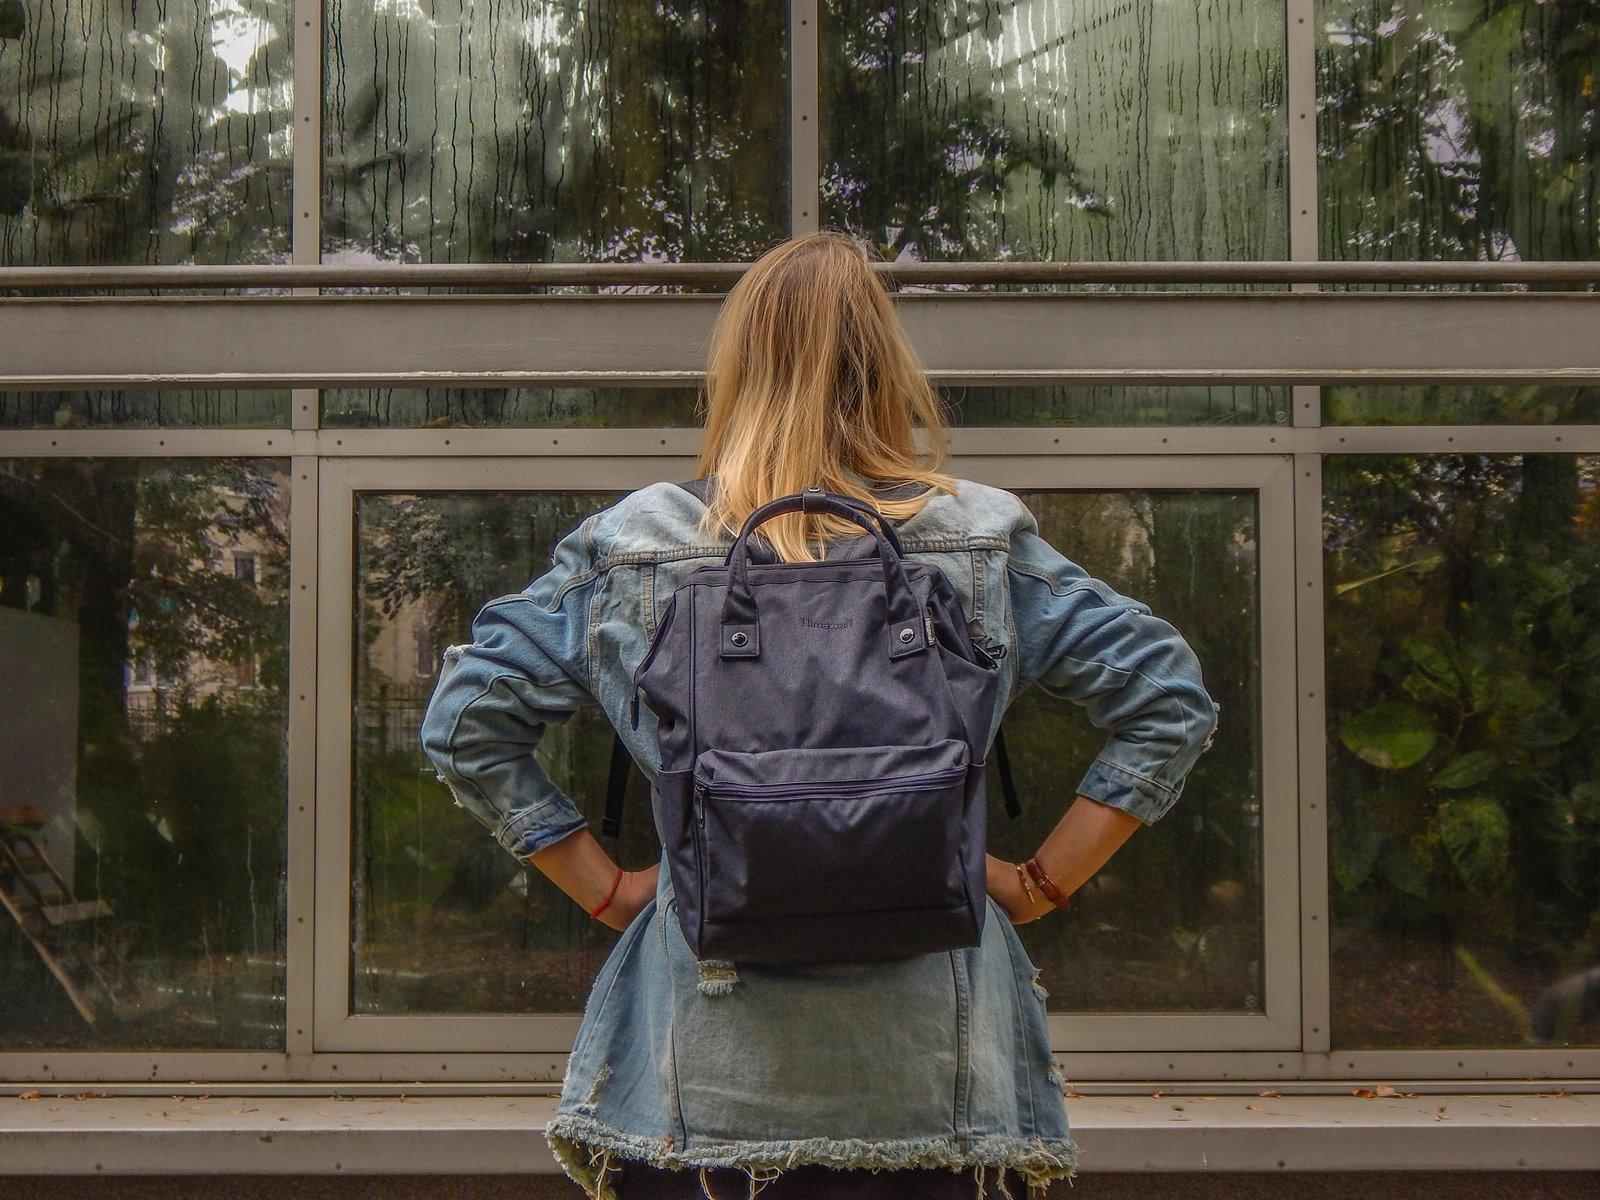 1 plecak idealny do szkoły pracy na wycieczki recenzja opinie jaki plecak kupić wybrać dla dorosłych sportowy elegancki designe jeans volcano answear kod zniżkowy stylizacja coca cola jeans denim style fashion